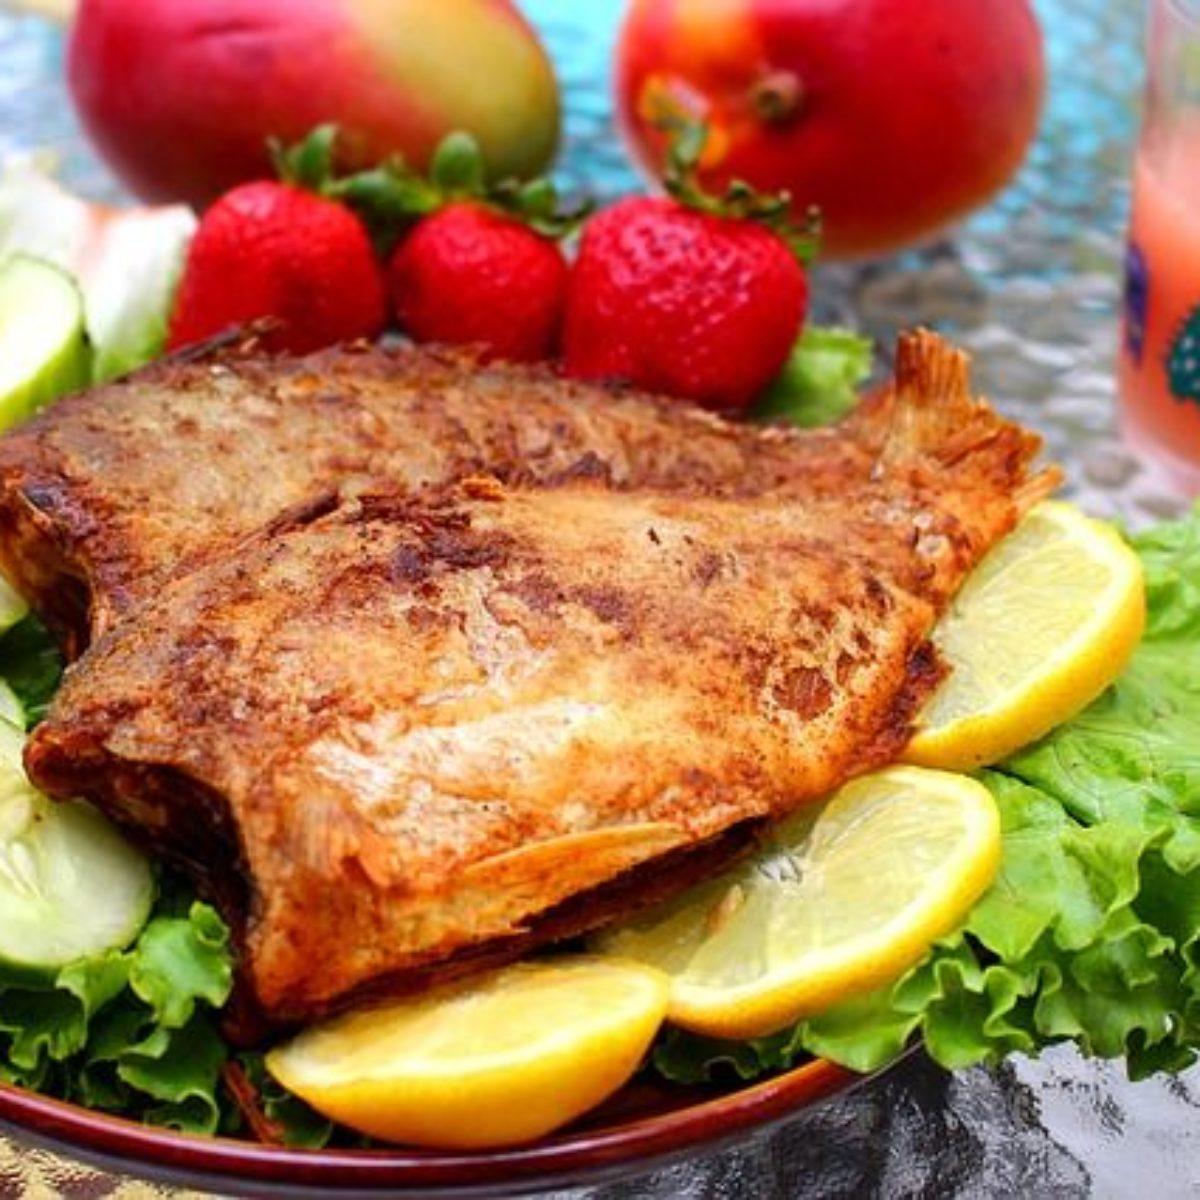 servi omega 3 per perdere peso